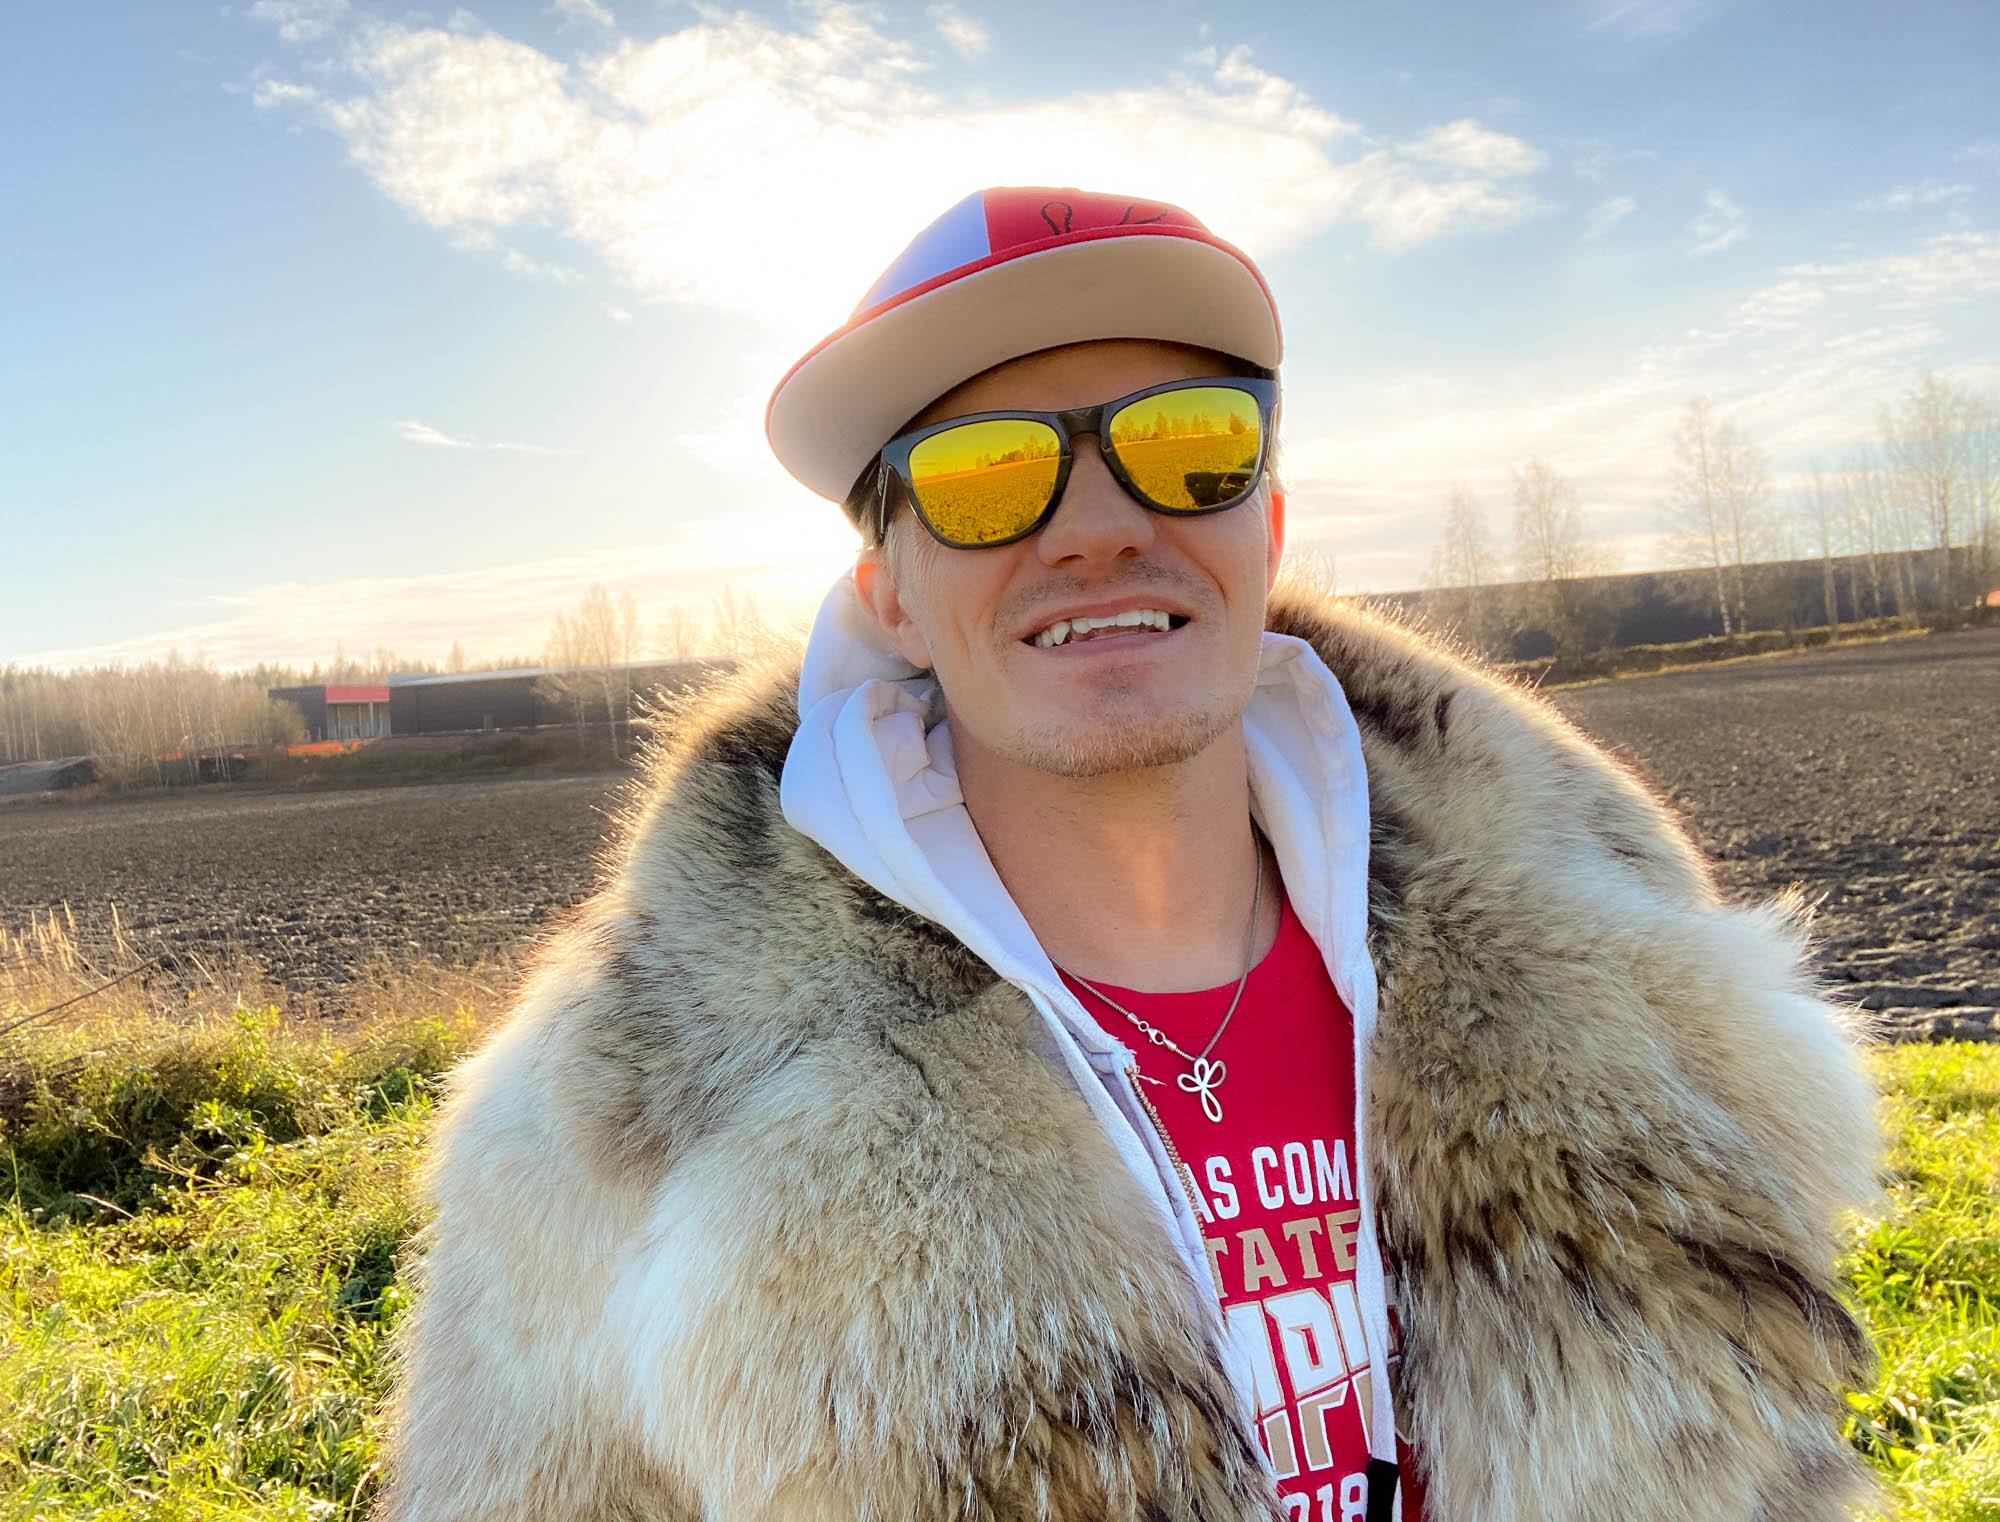 Smiling in the sun in my fur coat